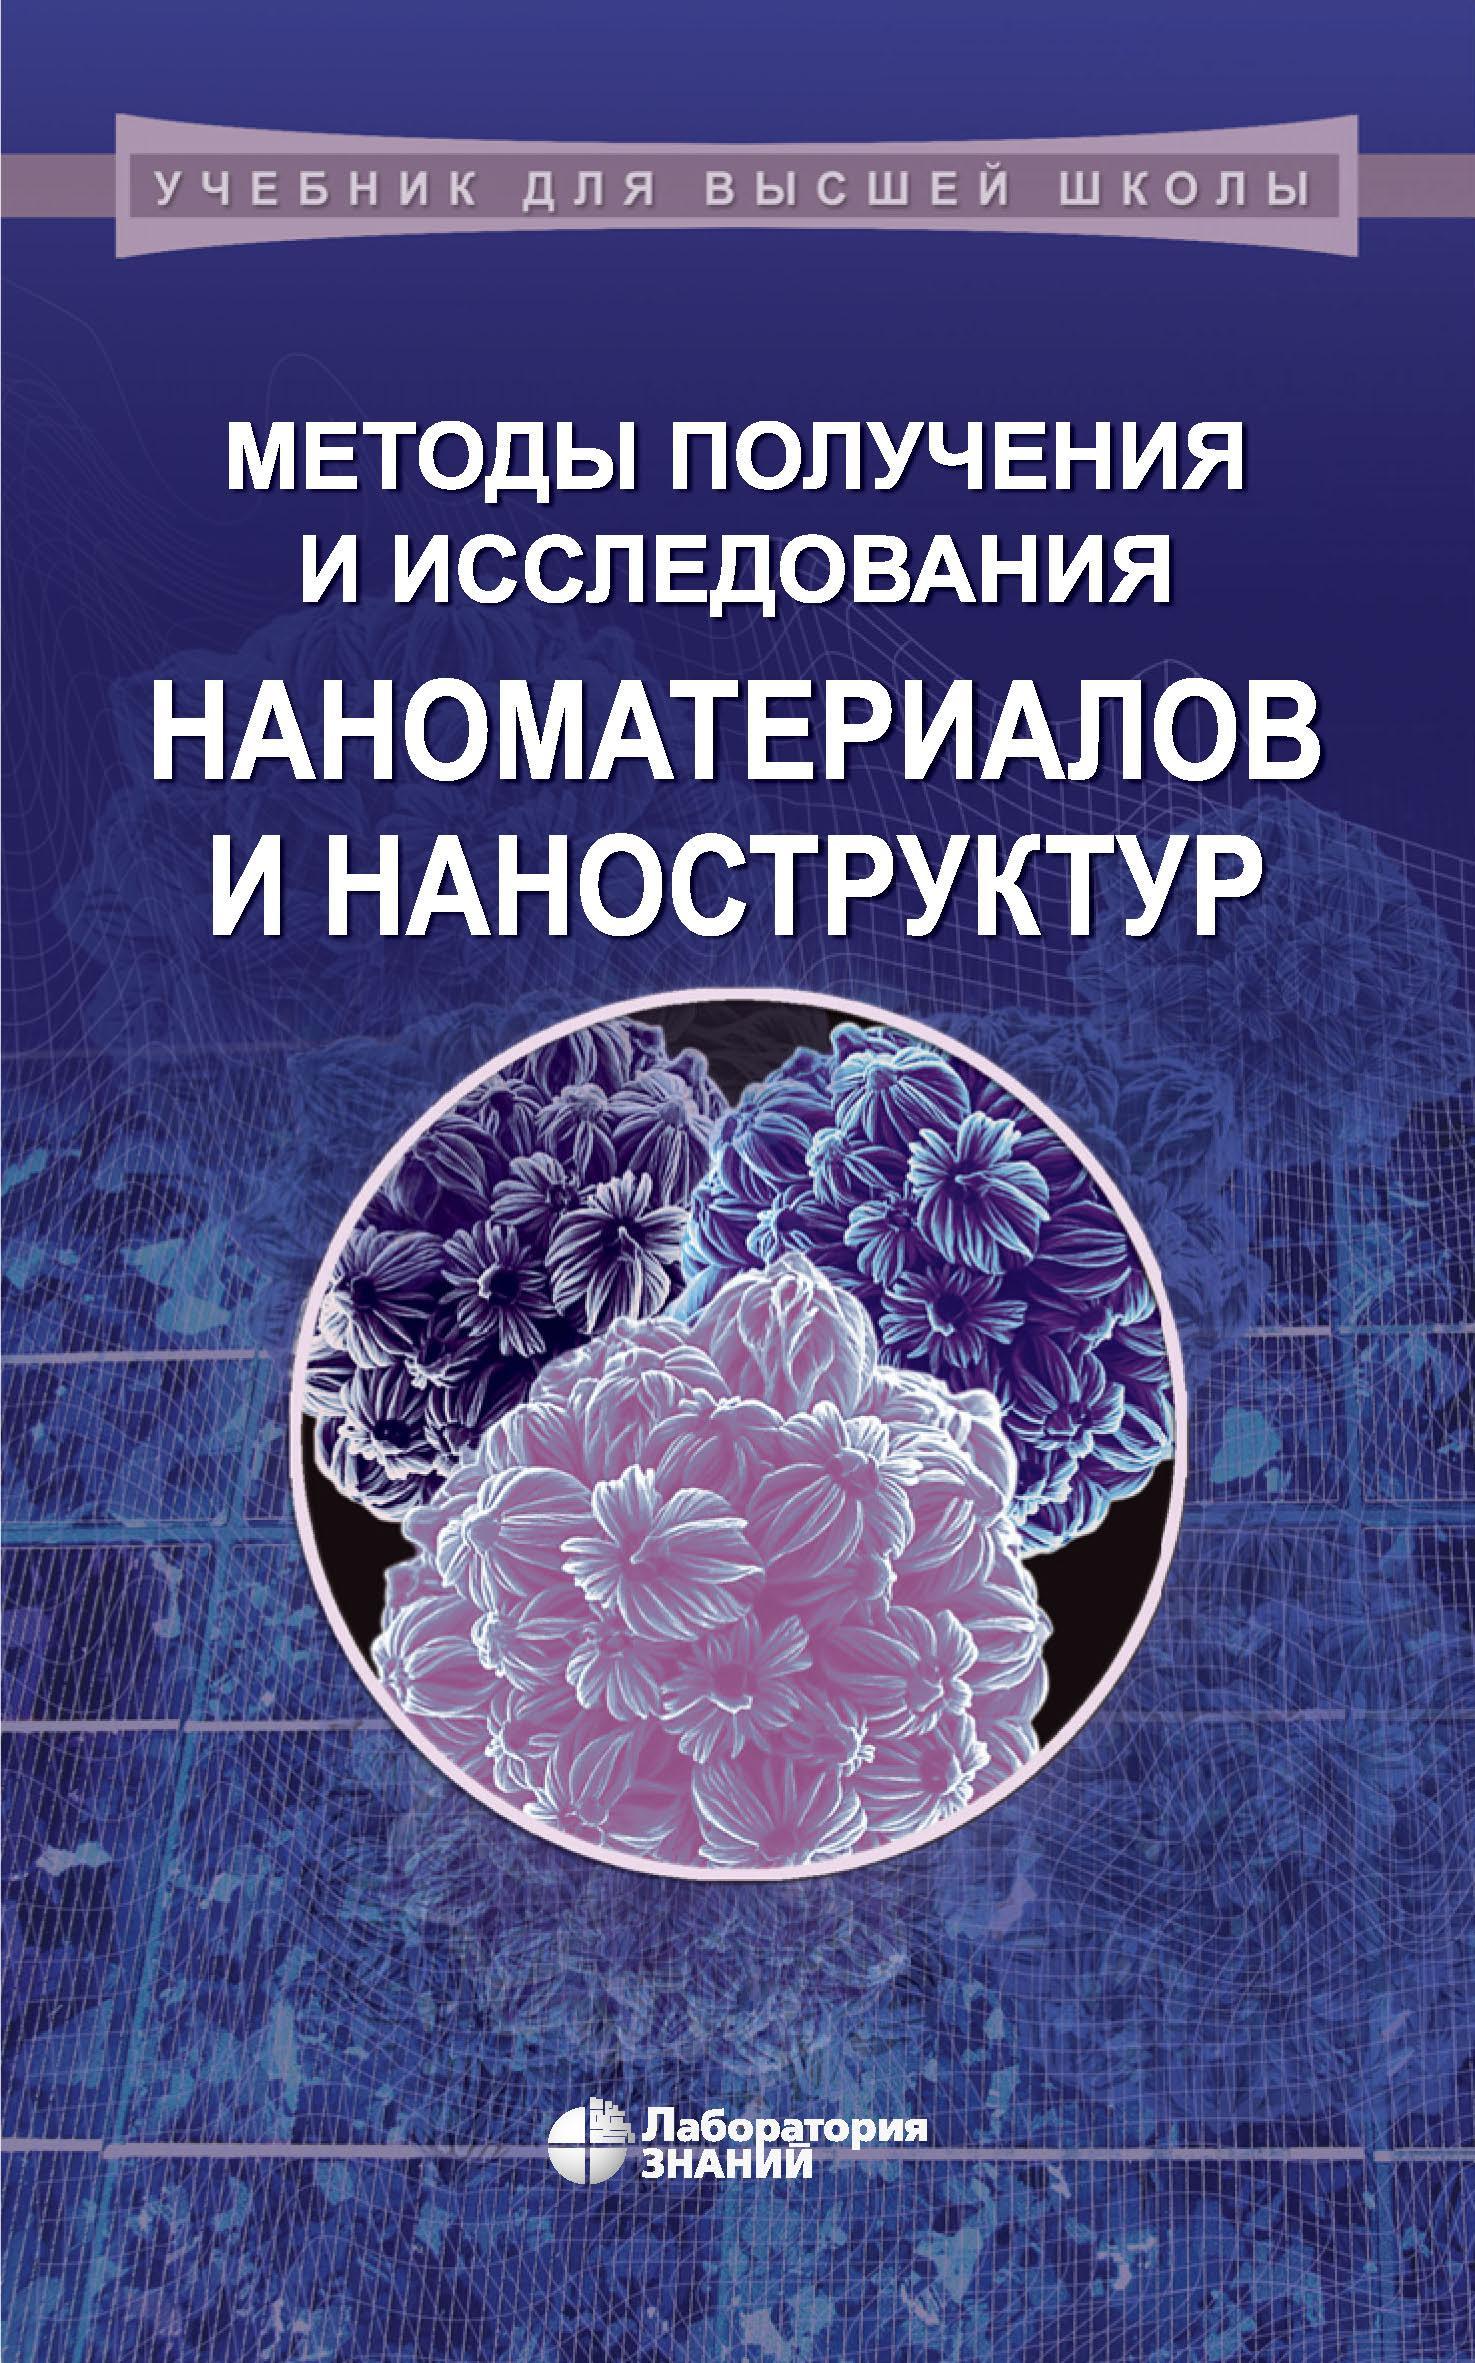 Н. И. Ершова Методы получения и исследования наноматериалов и наноструктур. Лабораторный практикум по нанотехнологиям. Учебное пособие цены